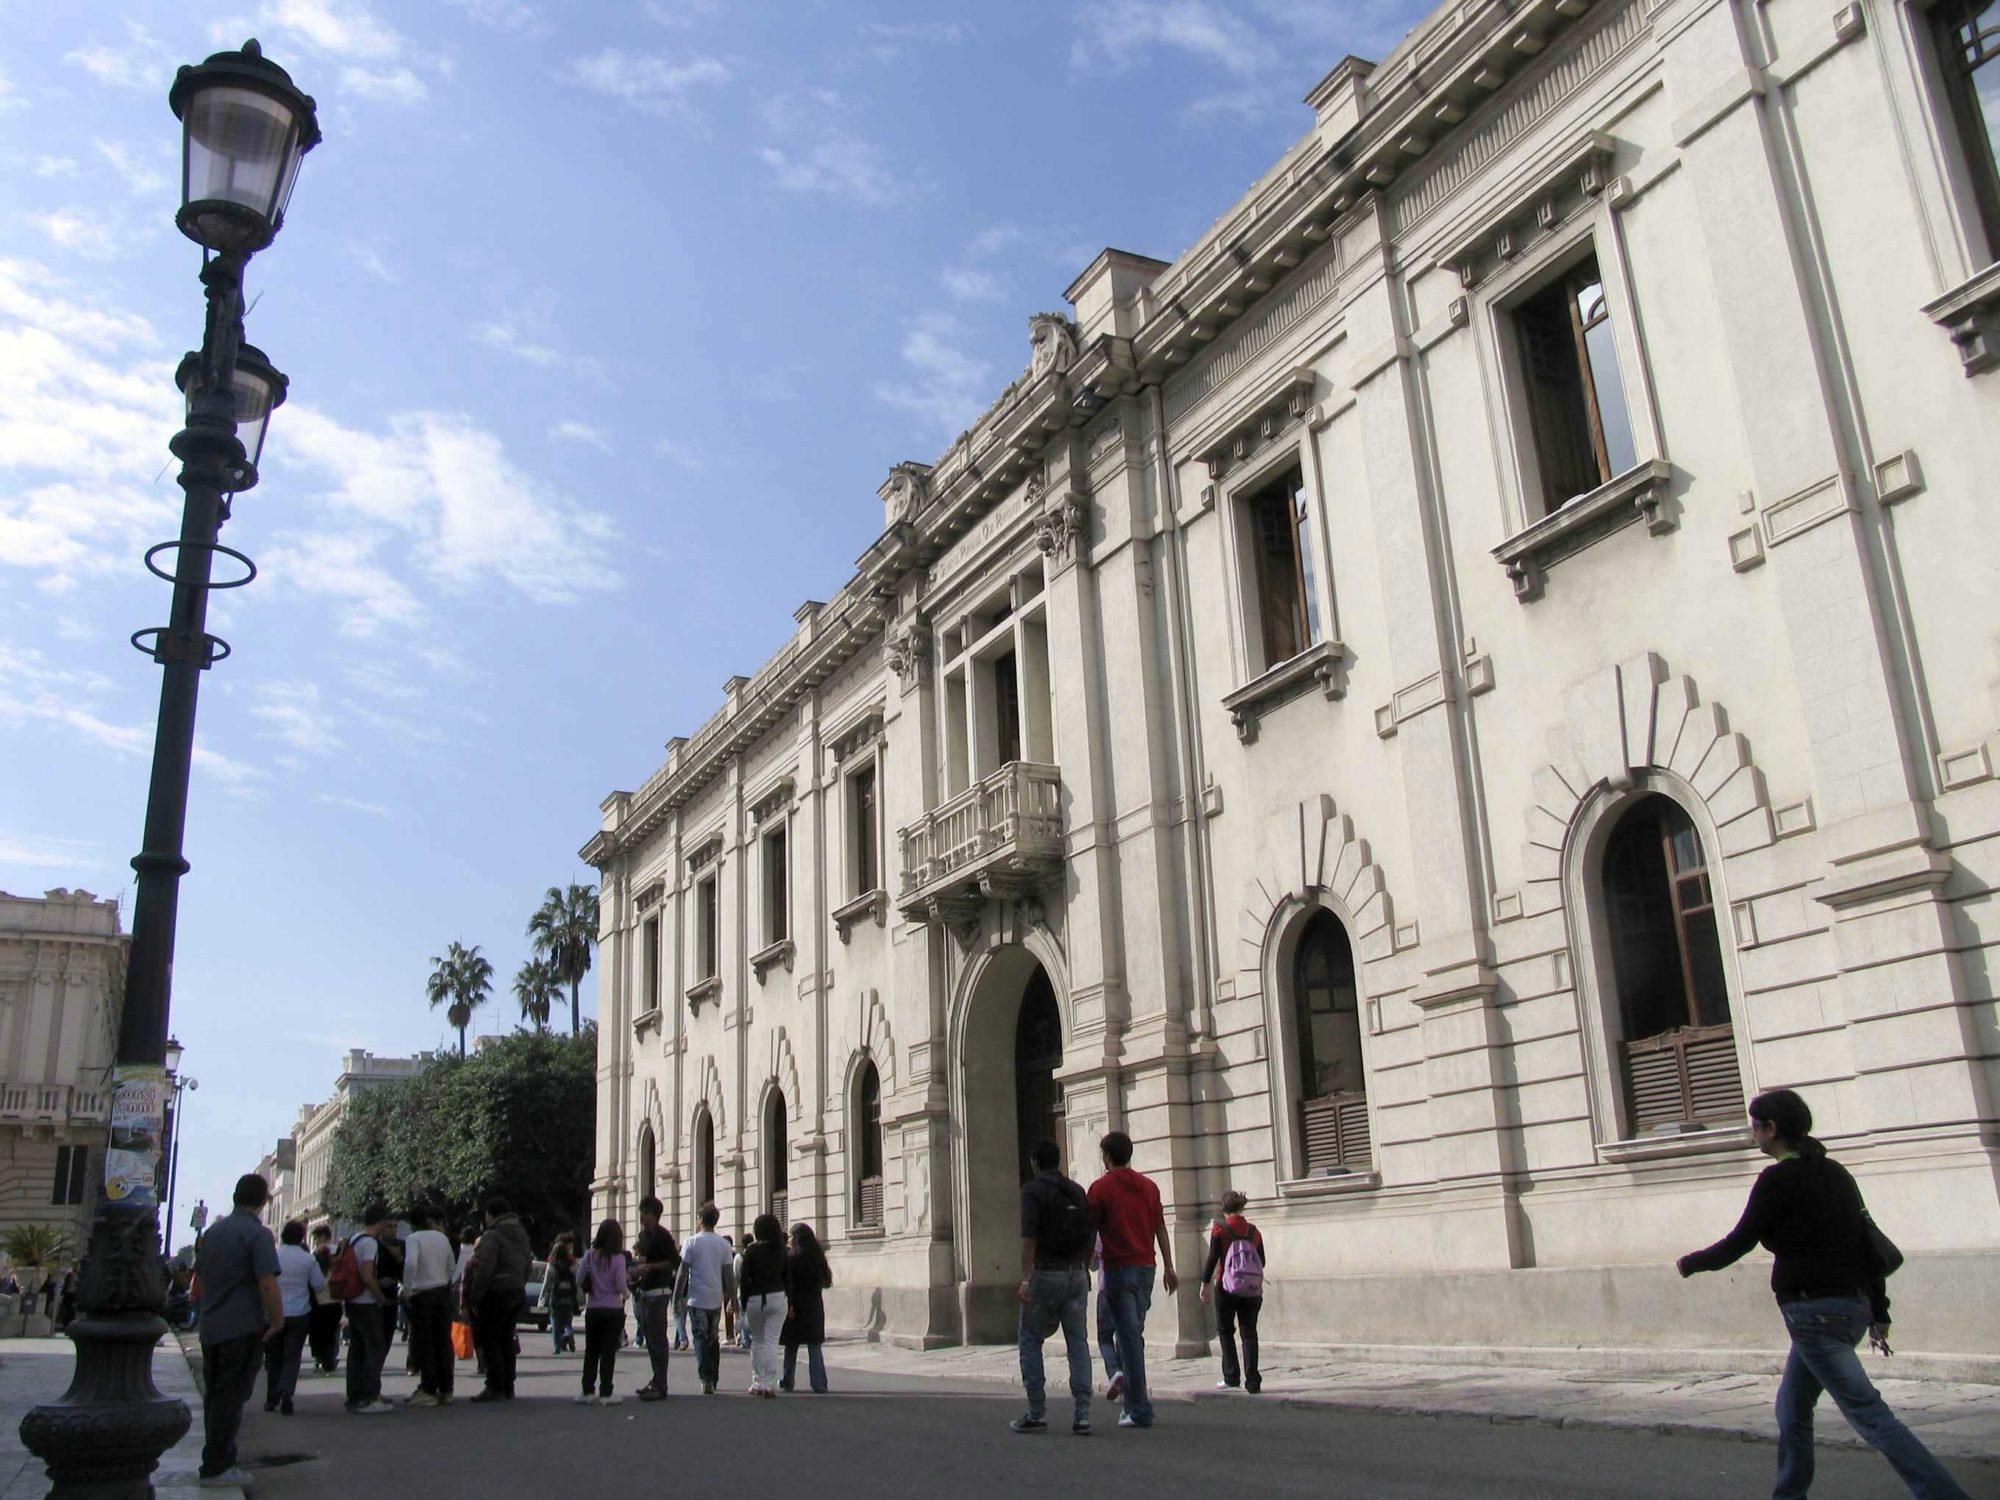 Quattordici scuole inagibili: a Reggio scatta indagineDubbi tra corruzione e sistema di gestione dei lavori